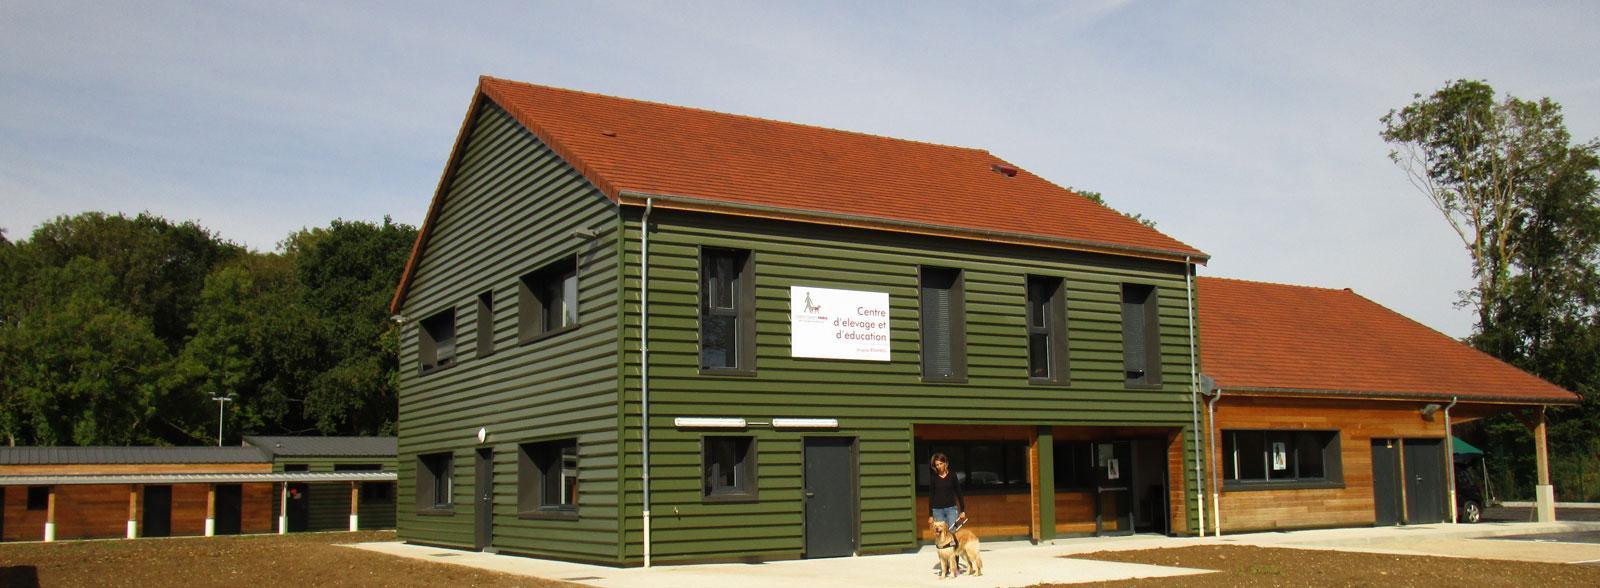 Centre d élevage et d éducation juste avant l inauguration